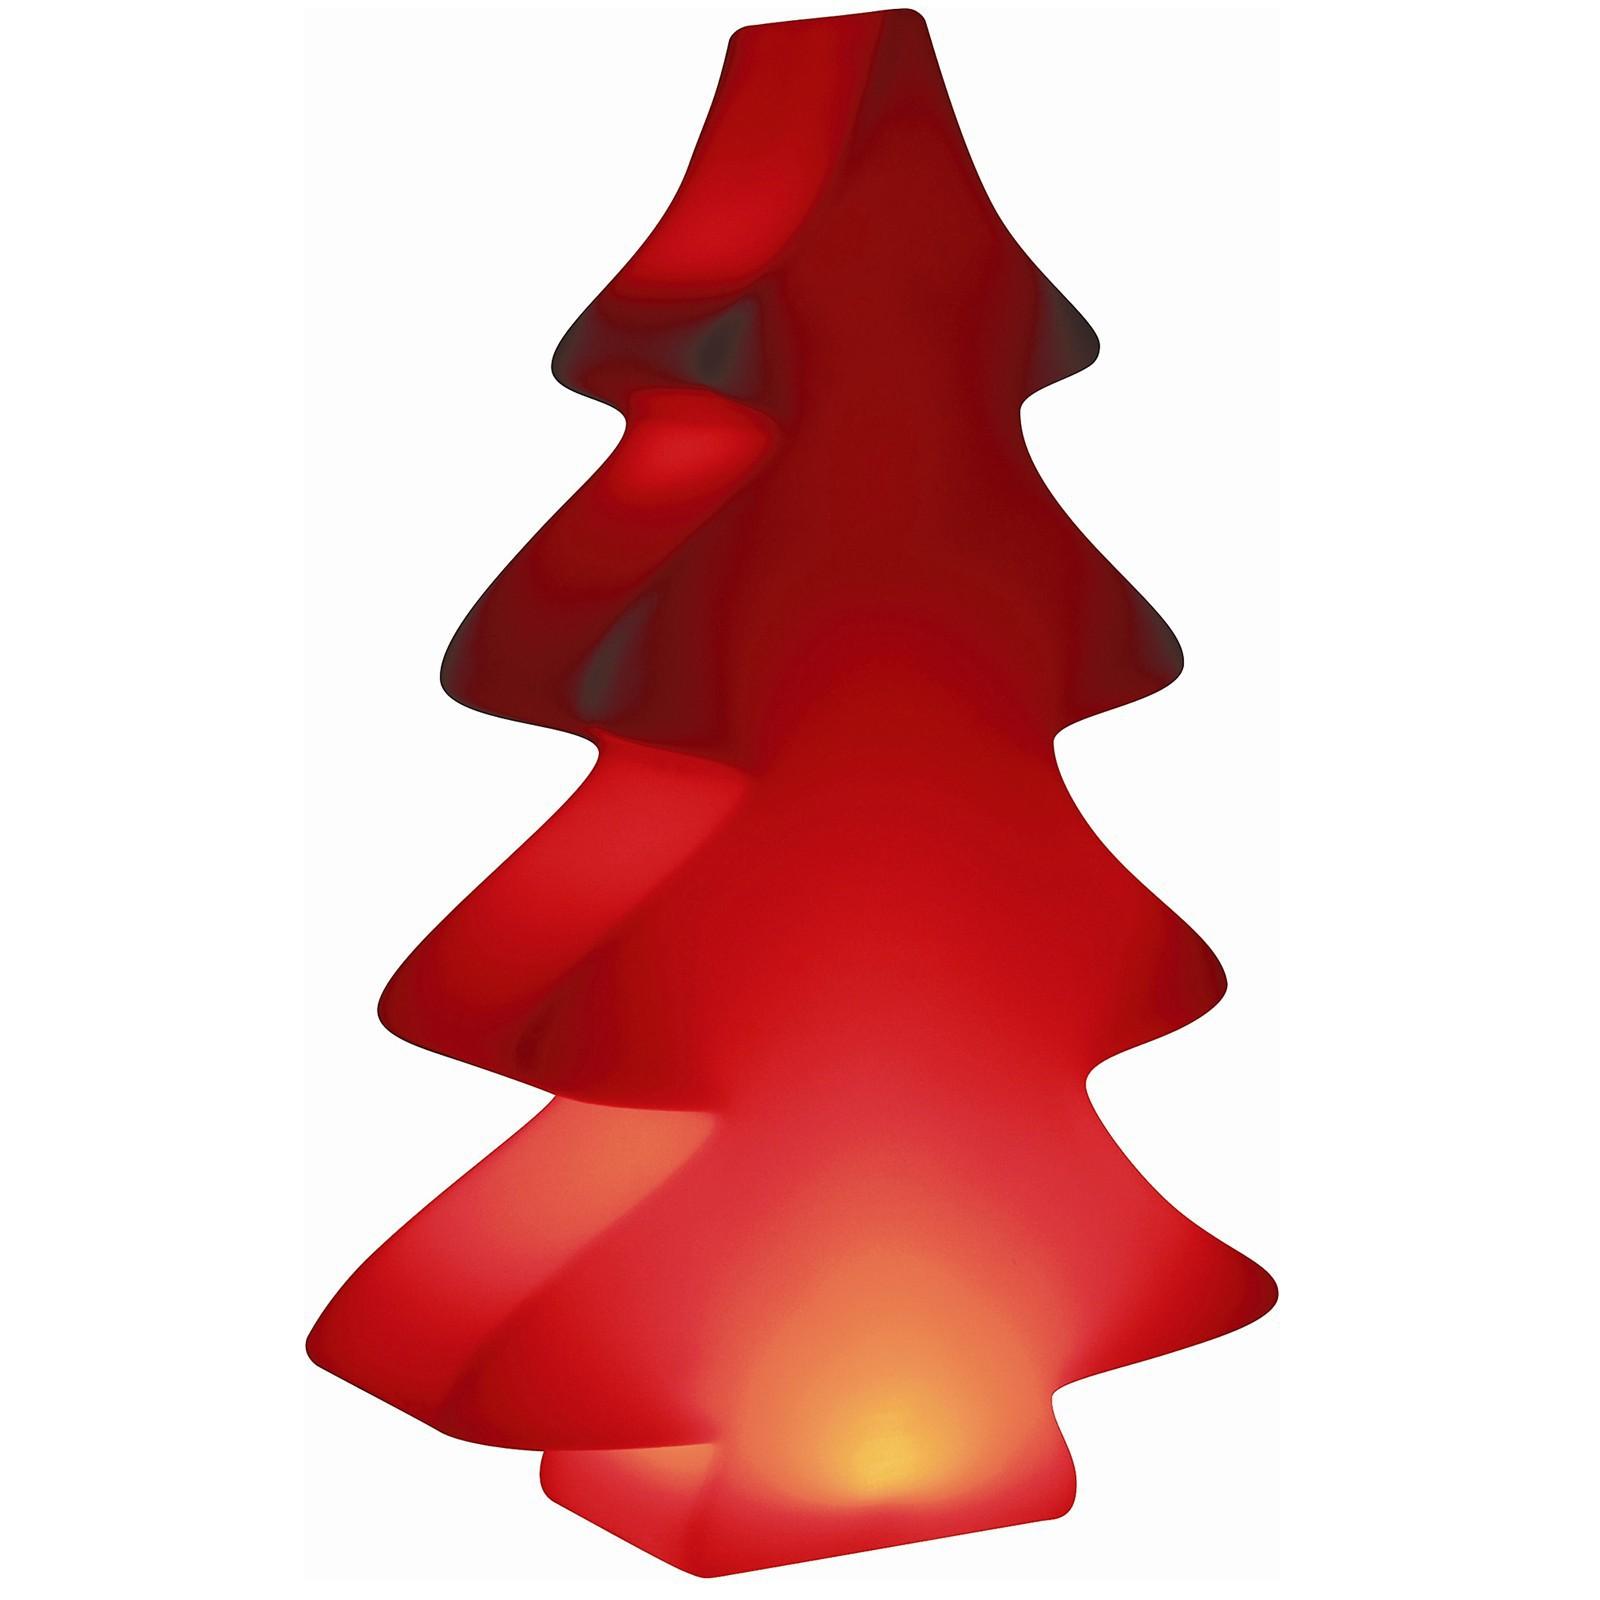 Lumenio led weihnachtsbaum mini 82 cm h mit fernbedienung - Weihnachtsbaum mini led ...